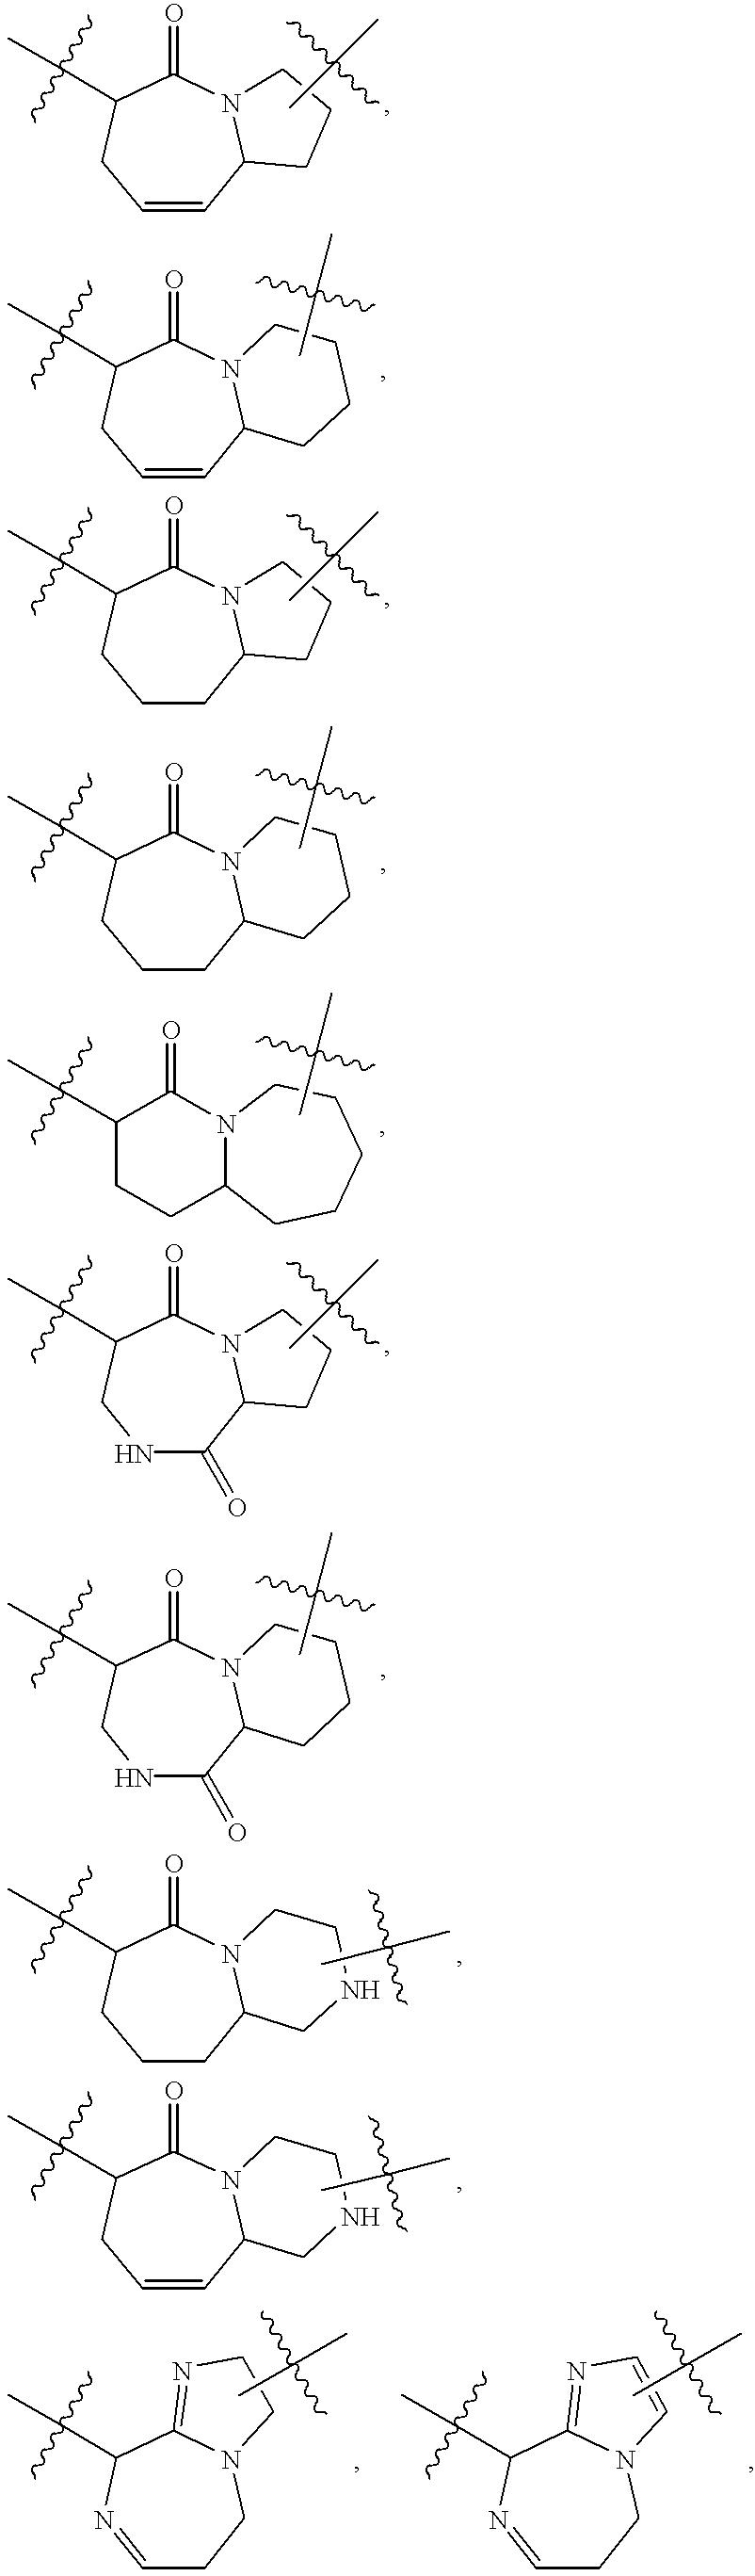 Figure US20020055501A1-20020509-C00020